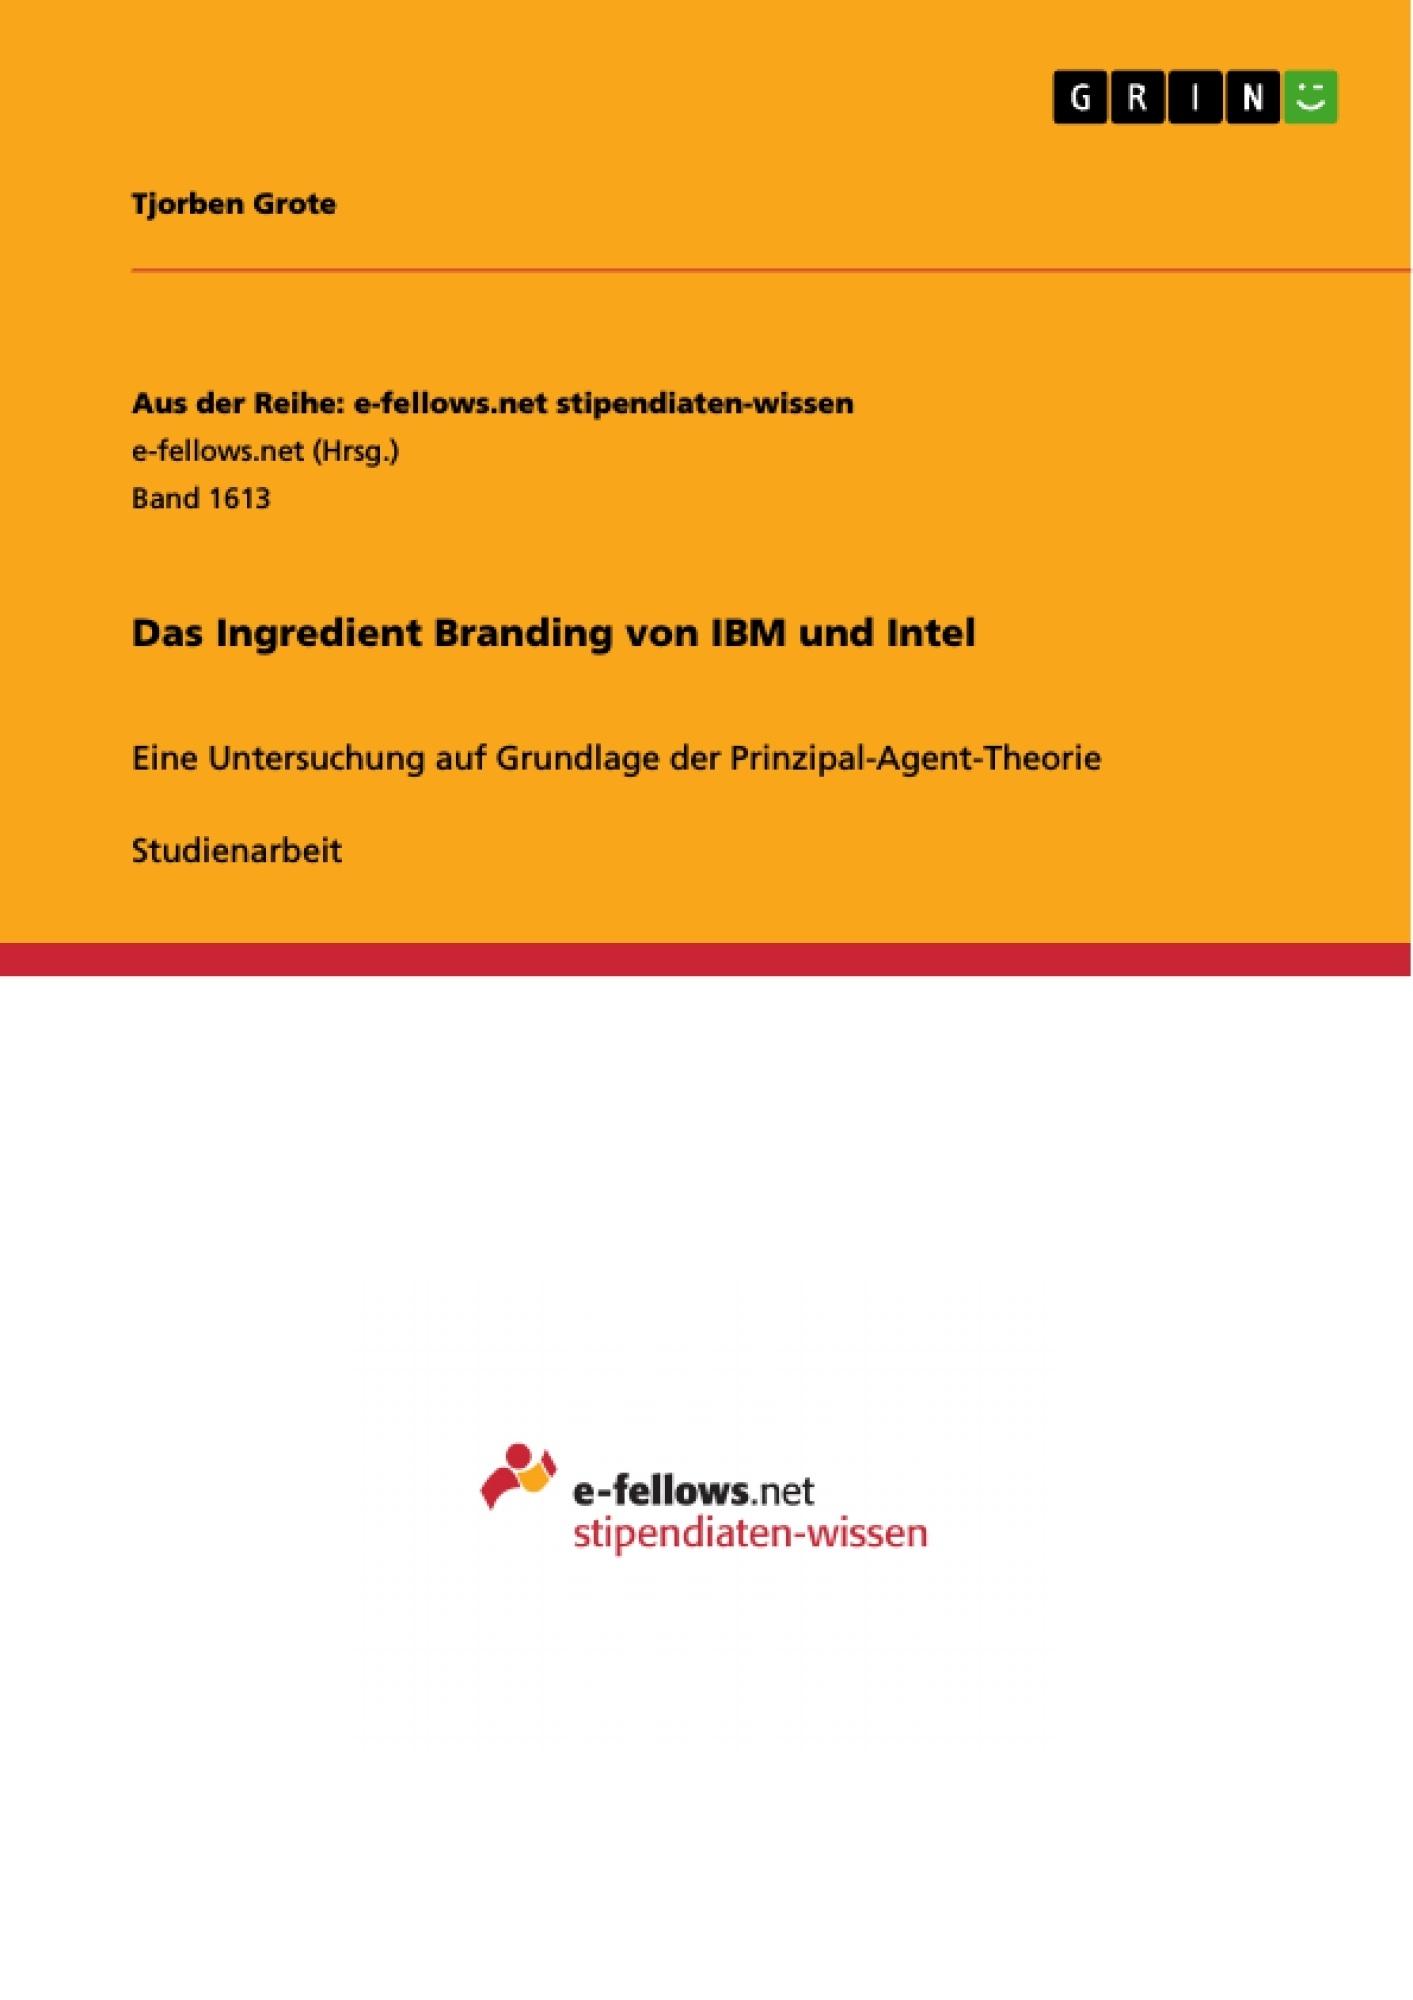 Titel: Das Ingredient Branding von IBM und Intel